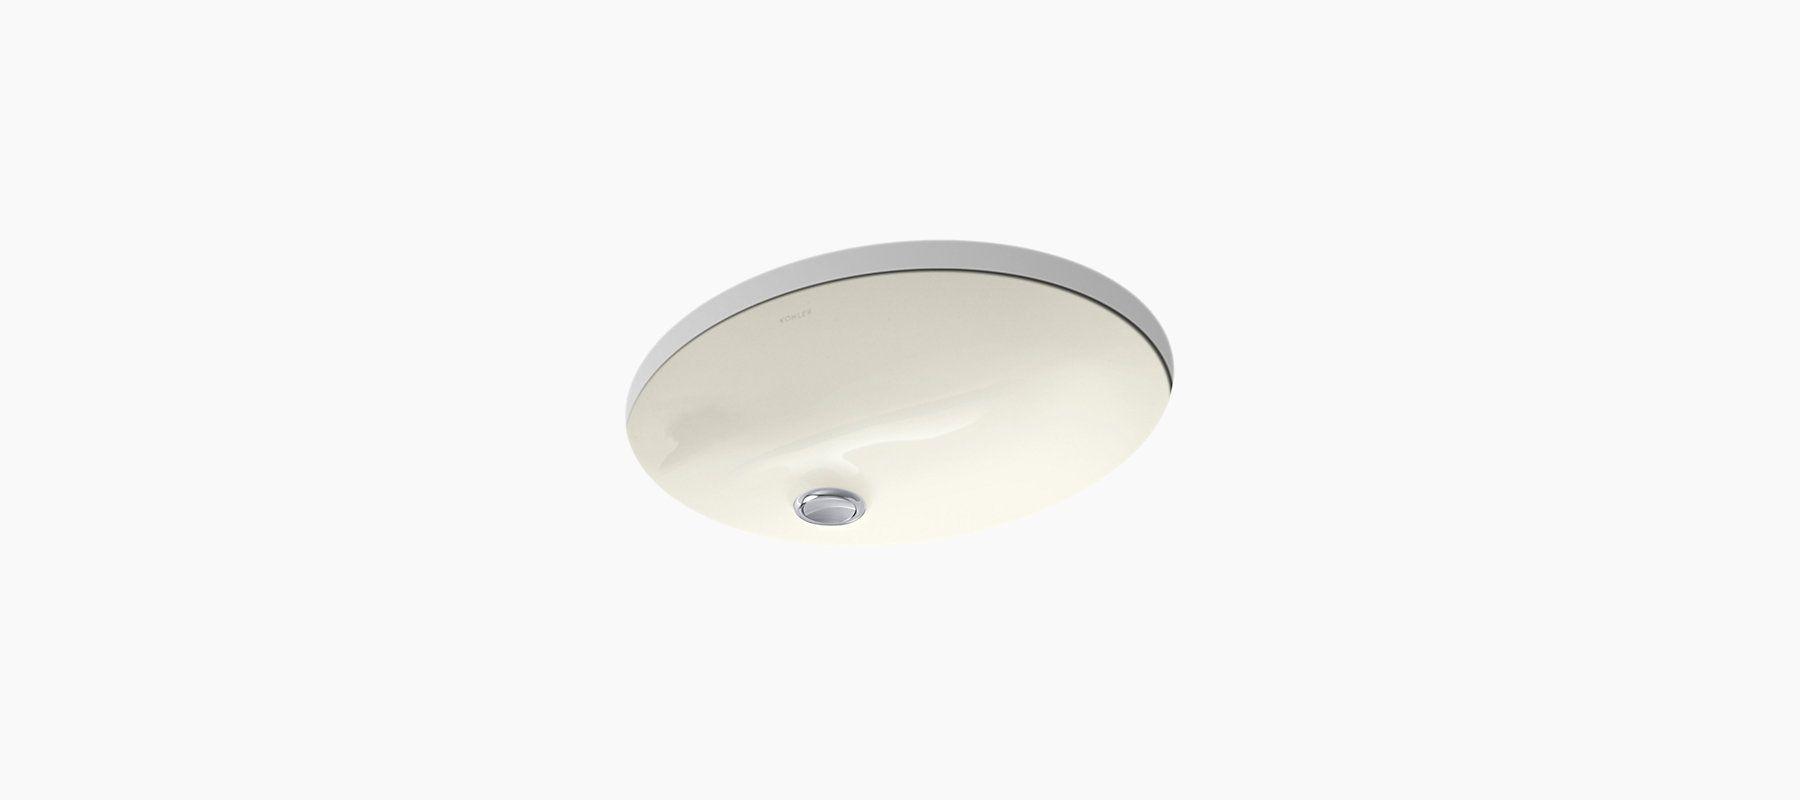 K 2209   Caxton Undermount Sink, 15 By 12 Inches   KOHLER